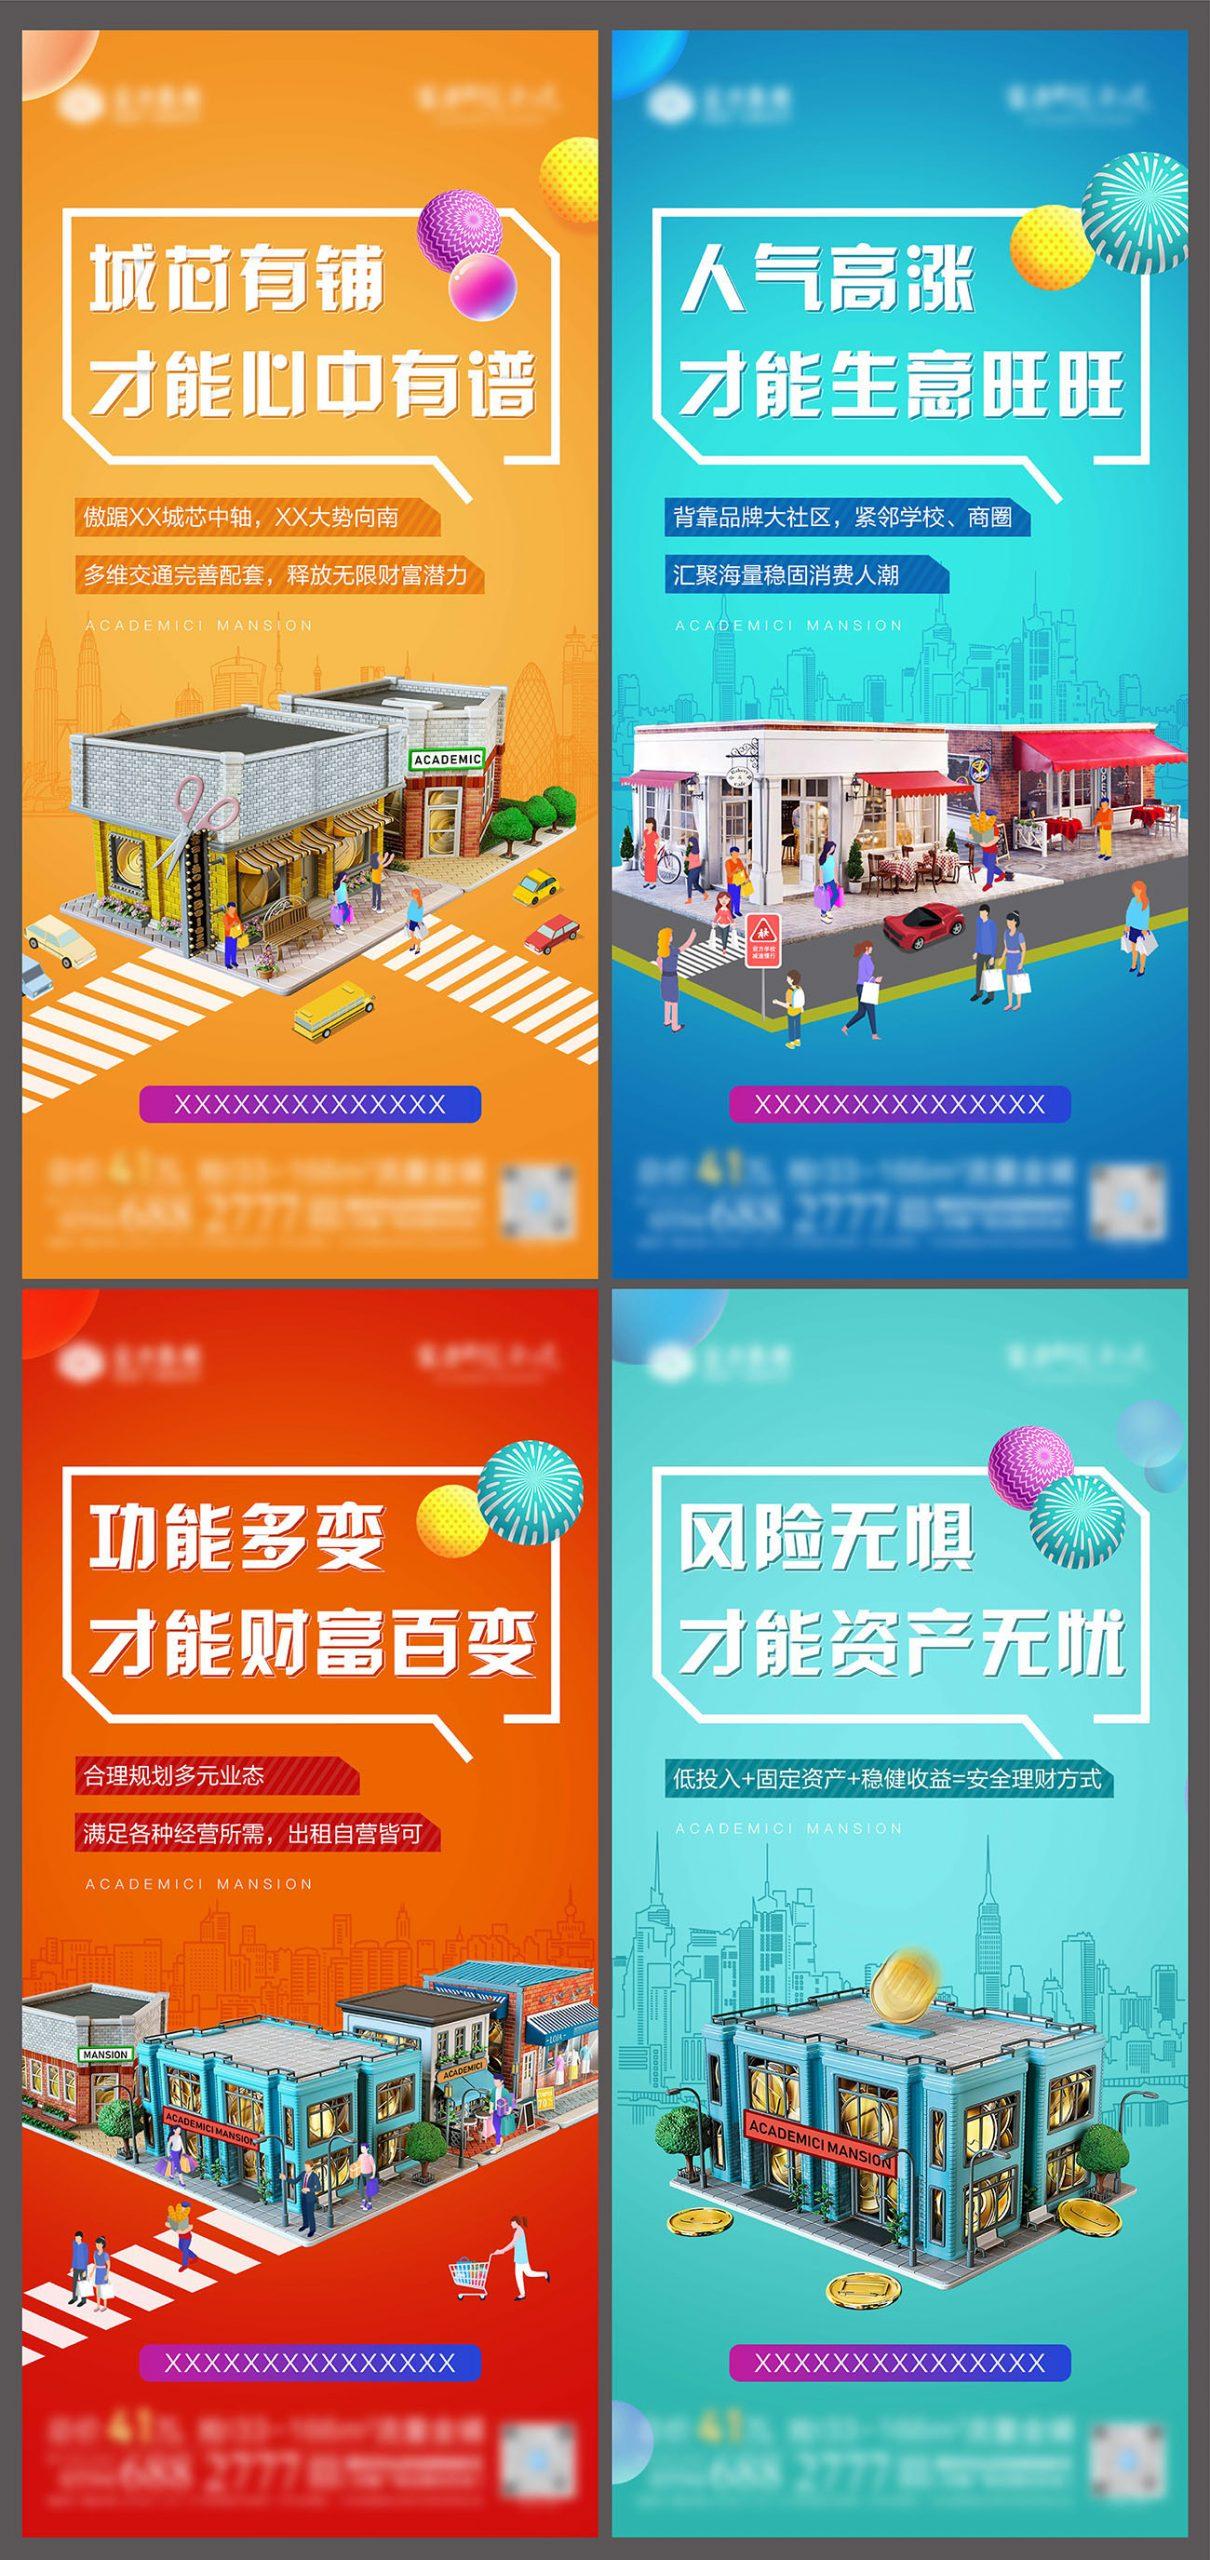 地产繁华地段财富商铺系列海报PSD源文件插图